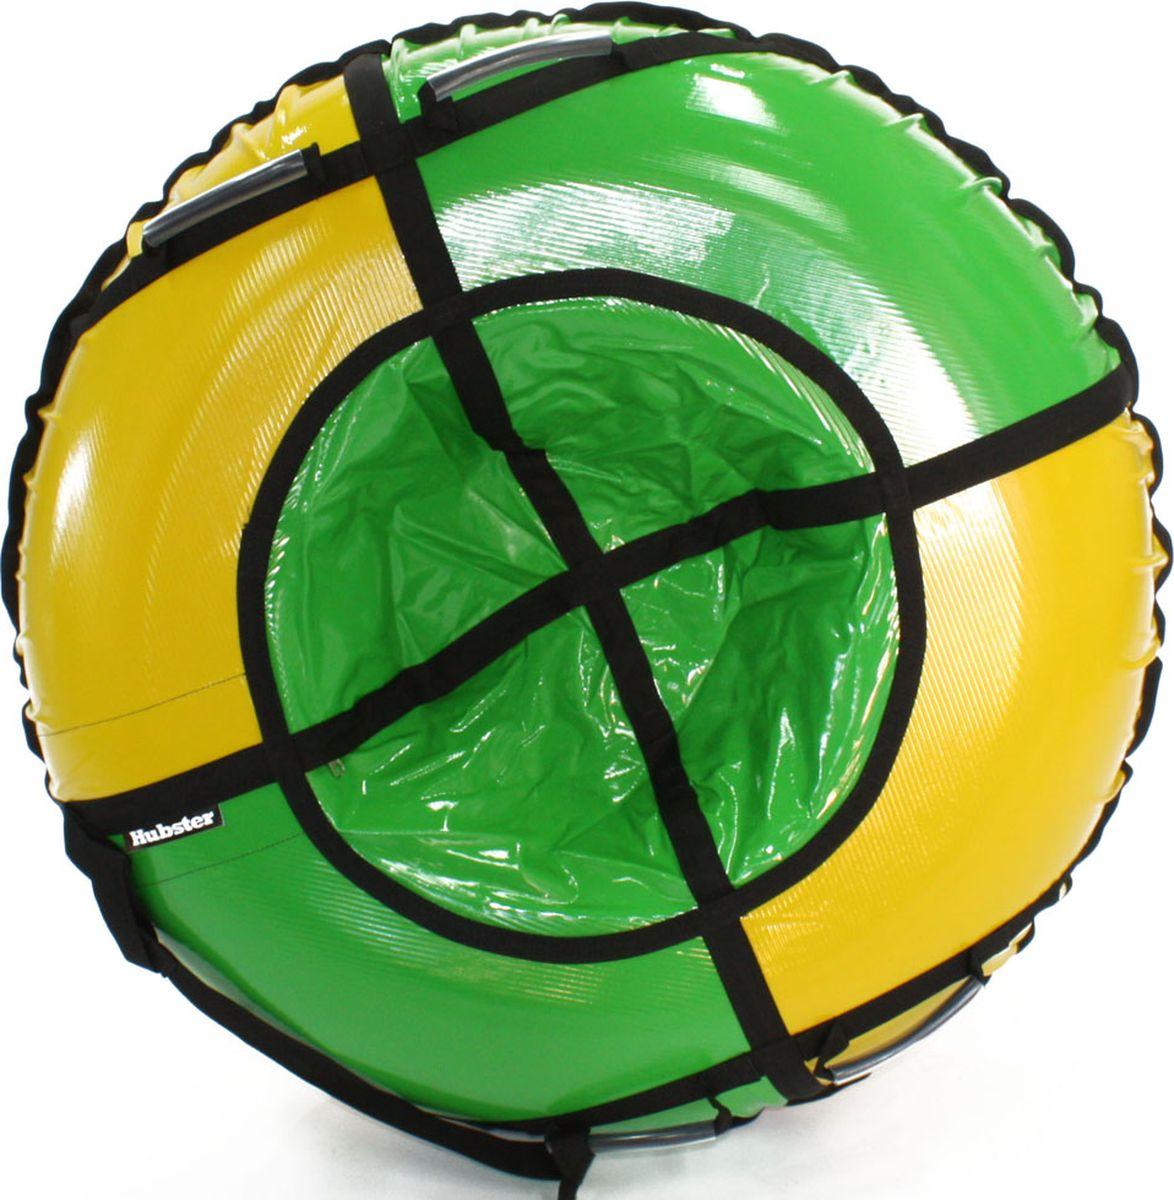 Тюбинг Hubster Sport Plus, цвет: желтый, зеленый, диаметр 105 смво4190-1Любимая детская зимняя забава - это кататься с горки. А катание на тюбинге надолго запомнится вам и вашим близким. Свежий воздух, веселая компания, веселые развлечения - эти моменты вы будете вспоминать еще долгое время.Материал верха - ПВХ армированный, плотность 650 г/мМатериал дна - ПВХ (усиленная скользкая ткань), плотность 650 г/мДиаметр в сдутом виде - 105 смДиаметр в надутом виде - 94смРучки усиленные (нашиты на дополнительную стропу)Кол-во ручек - 4 шт.Молния скрытая, на сиденьеКрепление троса - наружная петляДлина троса - 1 метрНагрузка - до 120 кгКомплект поставки - ватрушка, трос, камераТюбинг не предназначен для буксировки механическими или транспортными средствами (подъемники, канатные дороги, лебедки, автомобиль, снегоход, квадроцикл и т.д.)Зимние игры на свежем воздухе. Статья OZON Гид